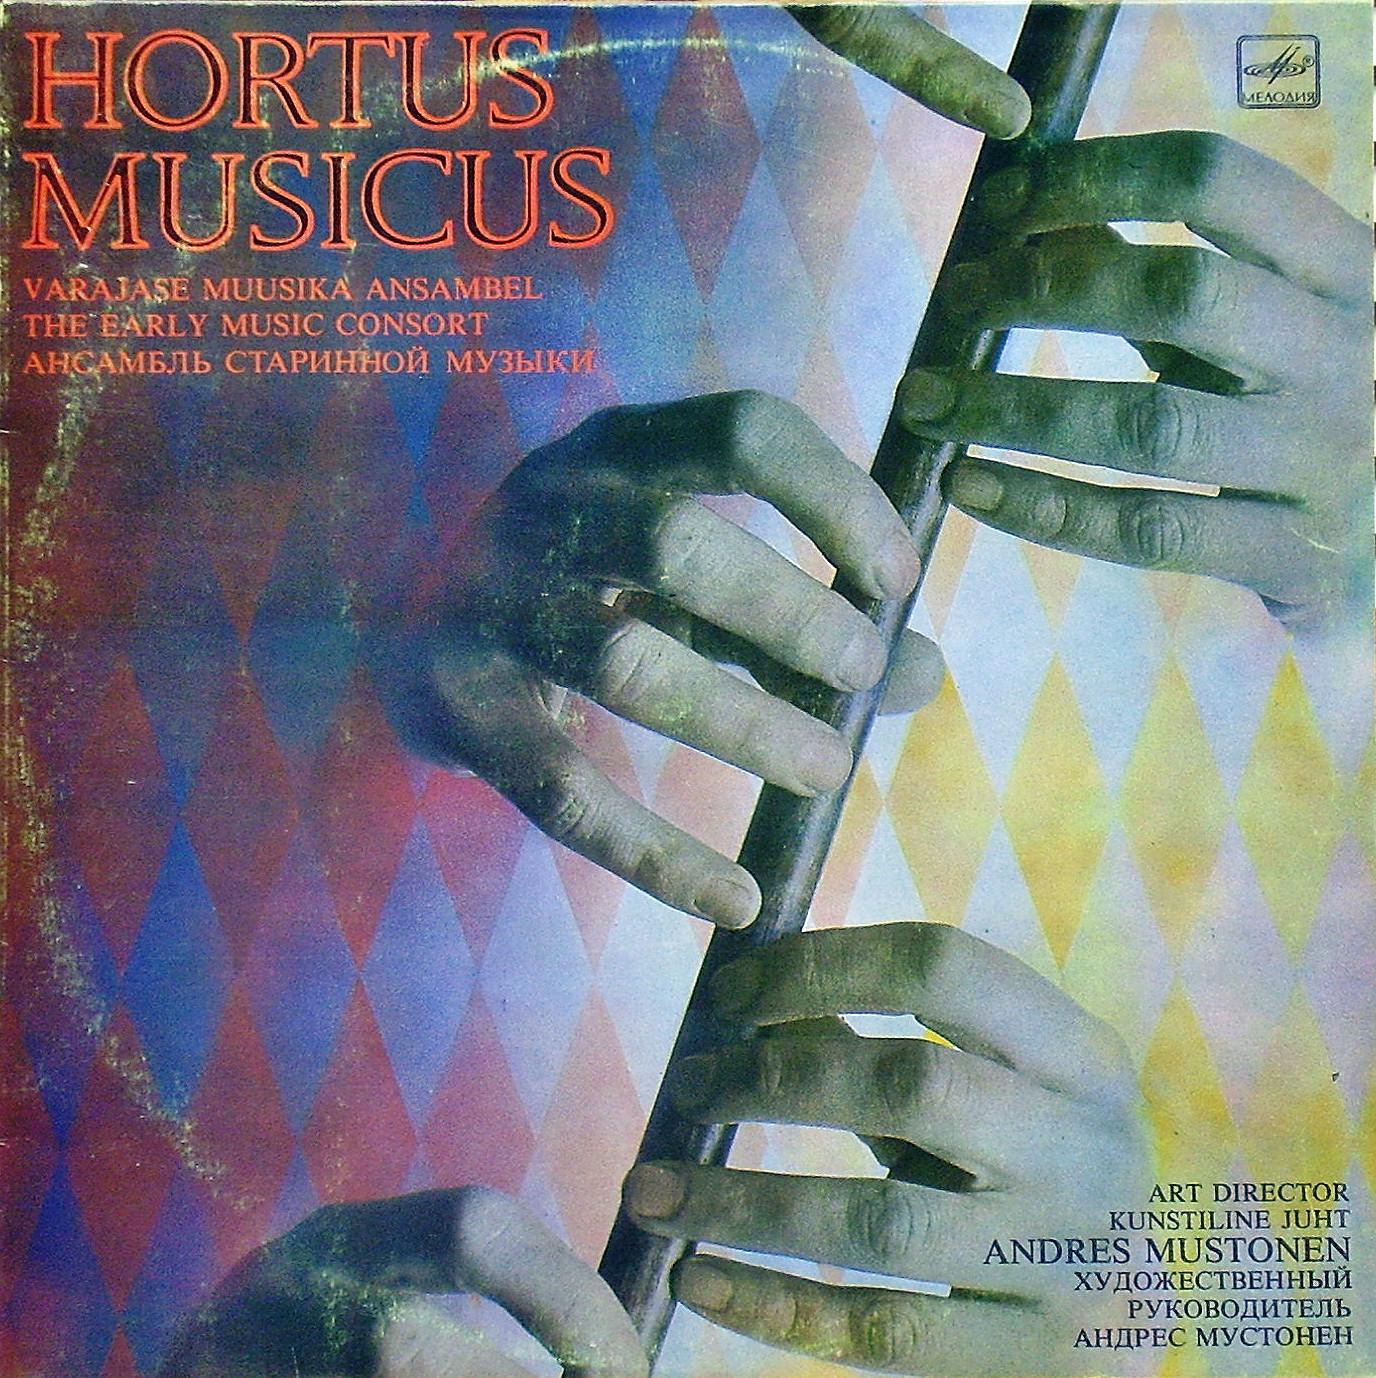 кон H. MUSICUS 1986